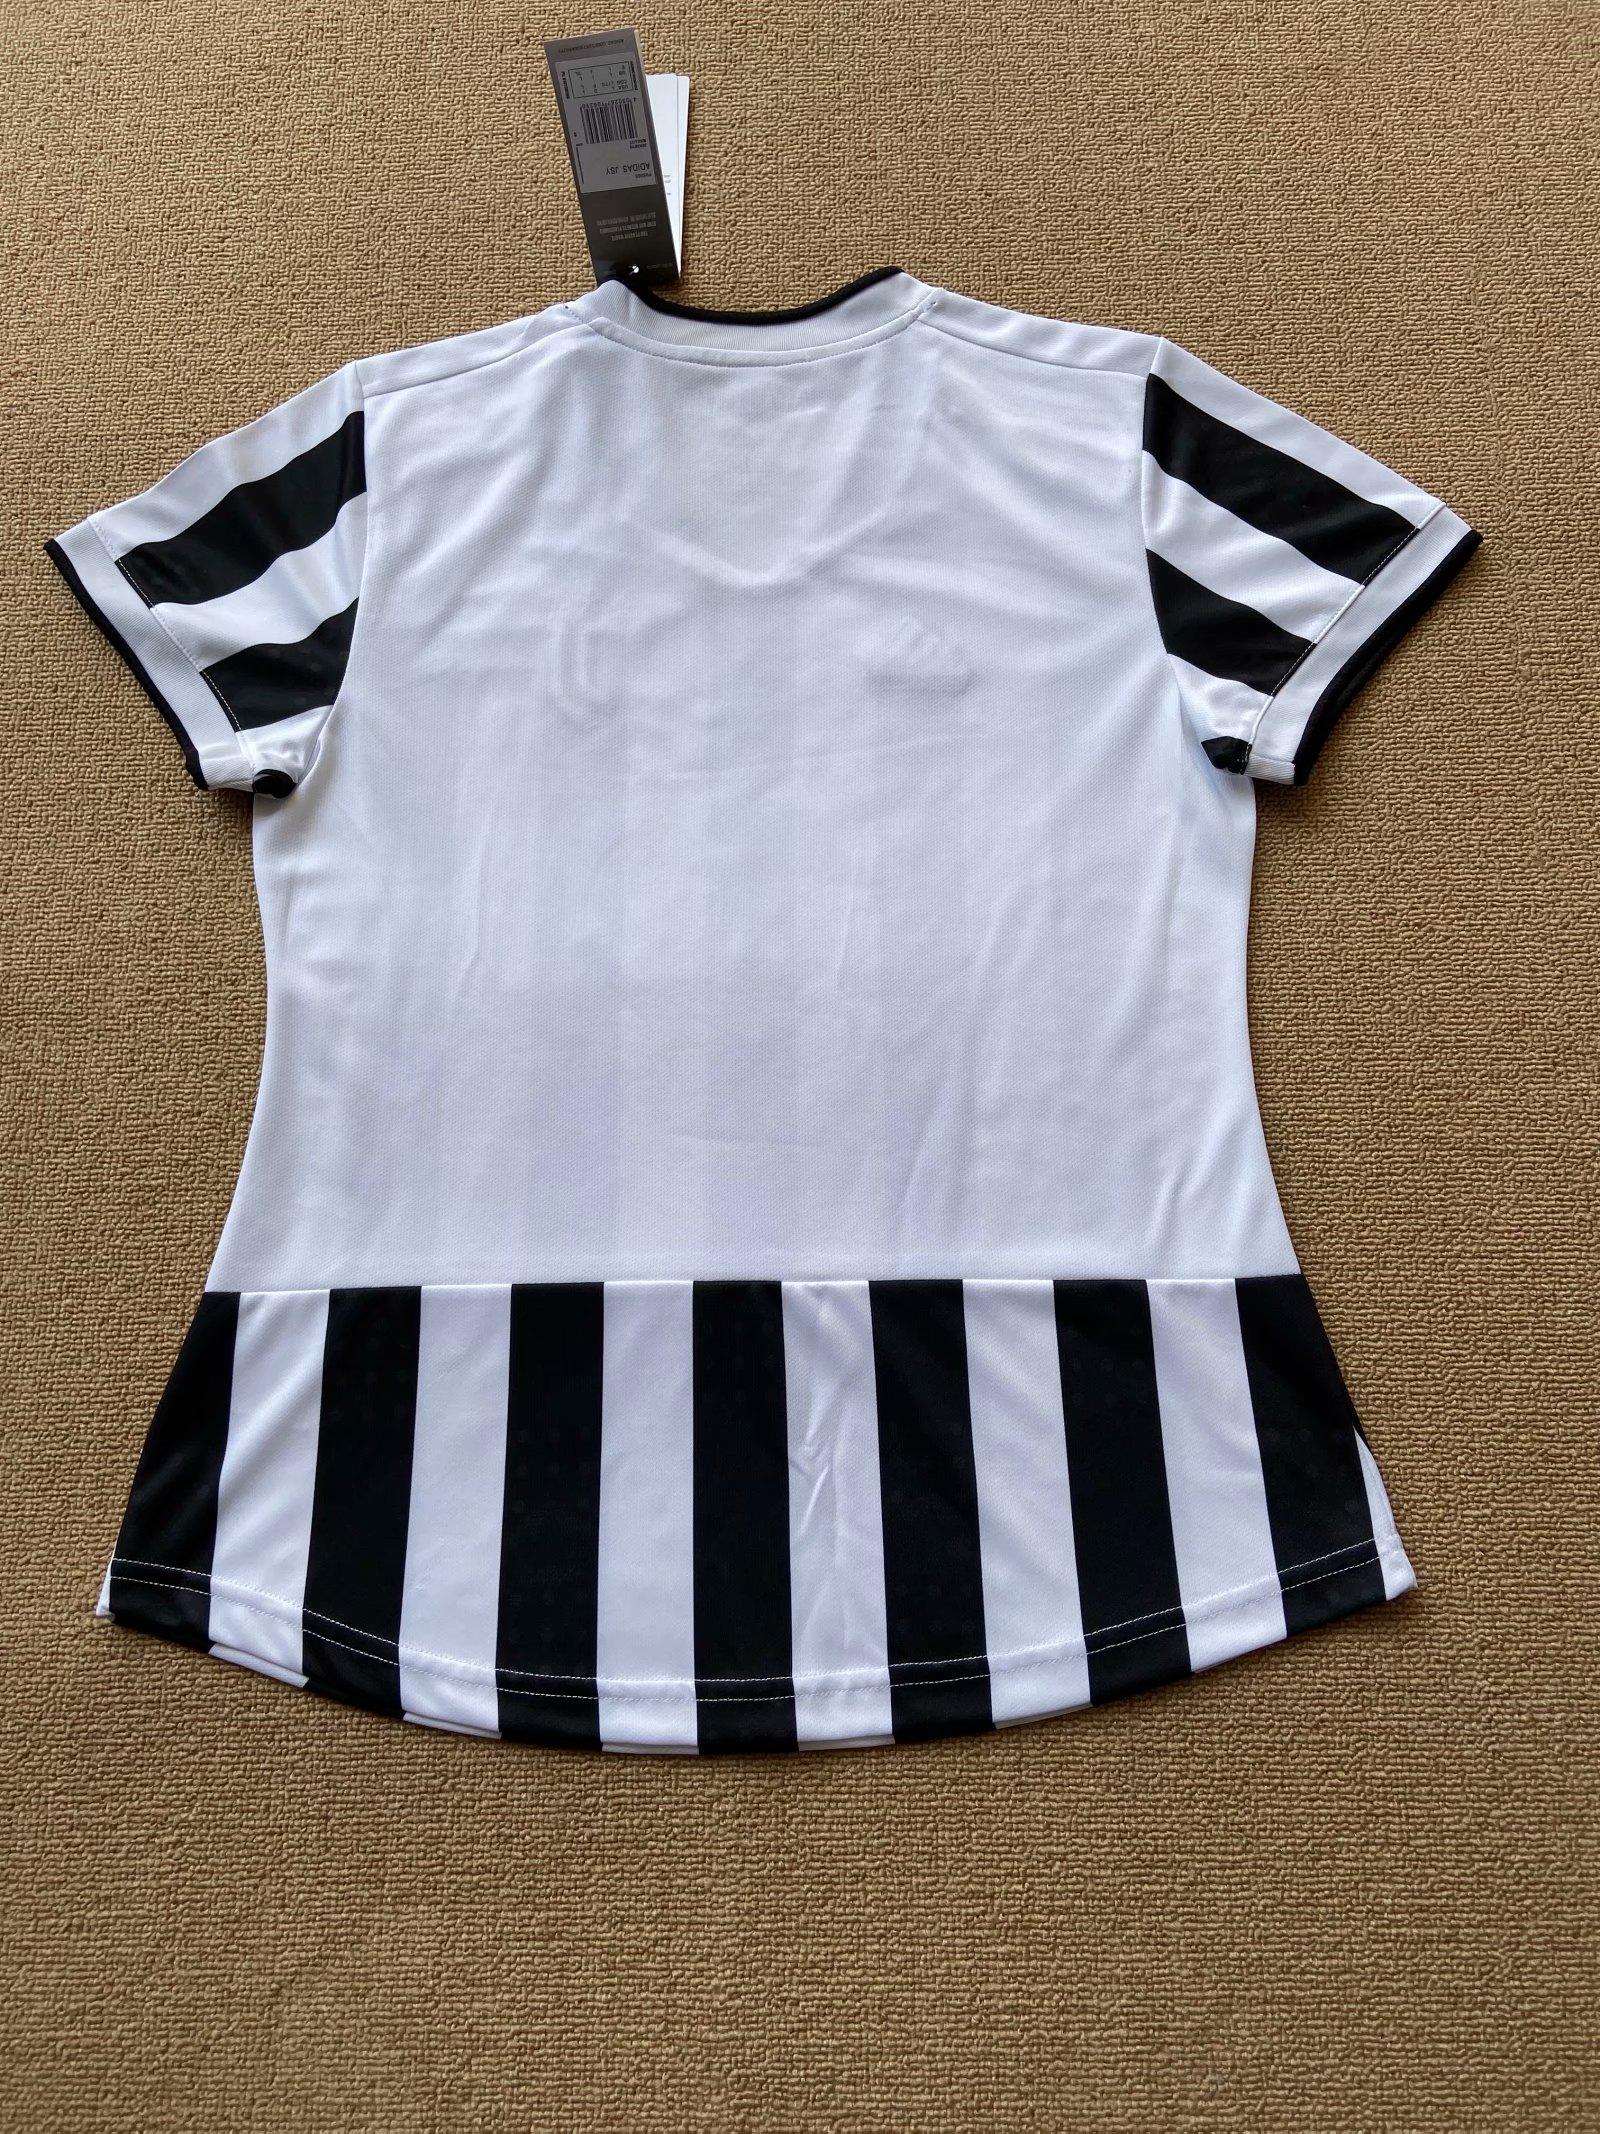 21-22-juventus-home-women-jersey-615.jpg